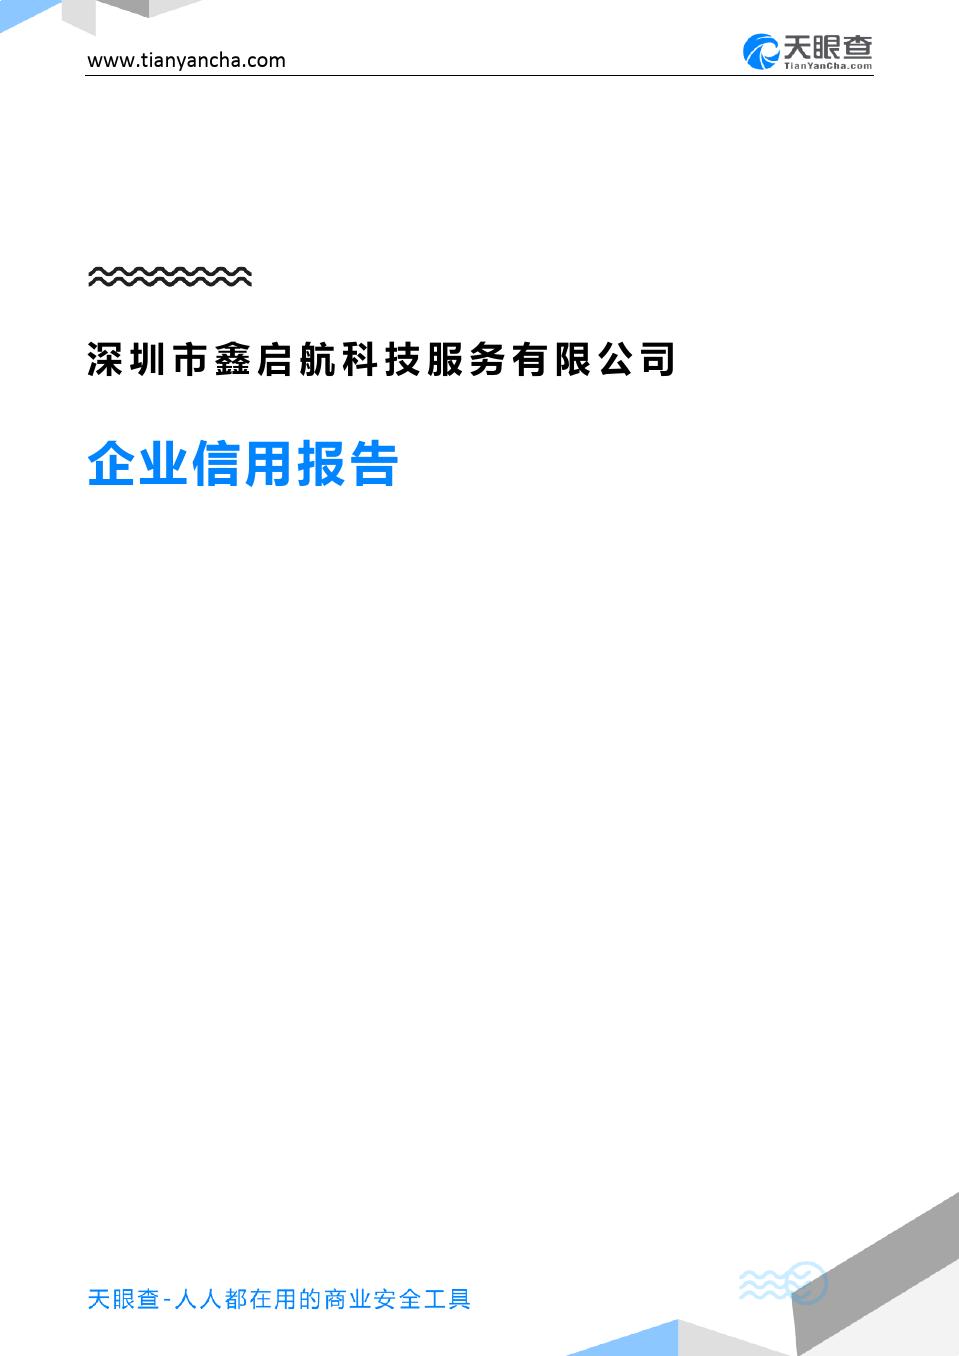 深圳市鑫启航科技服务有限公司(企业信用报告)- 天眼查